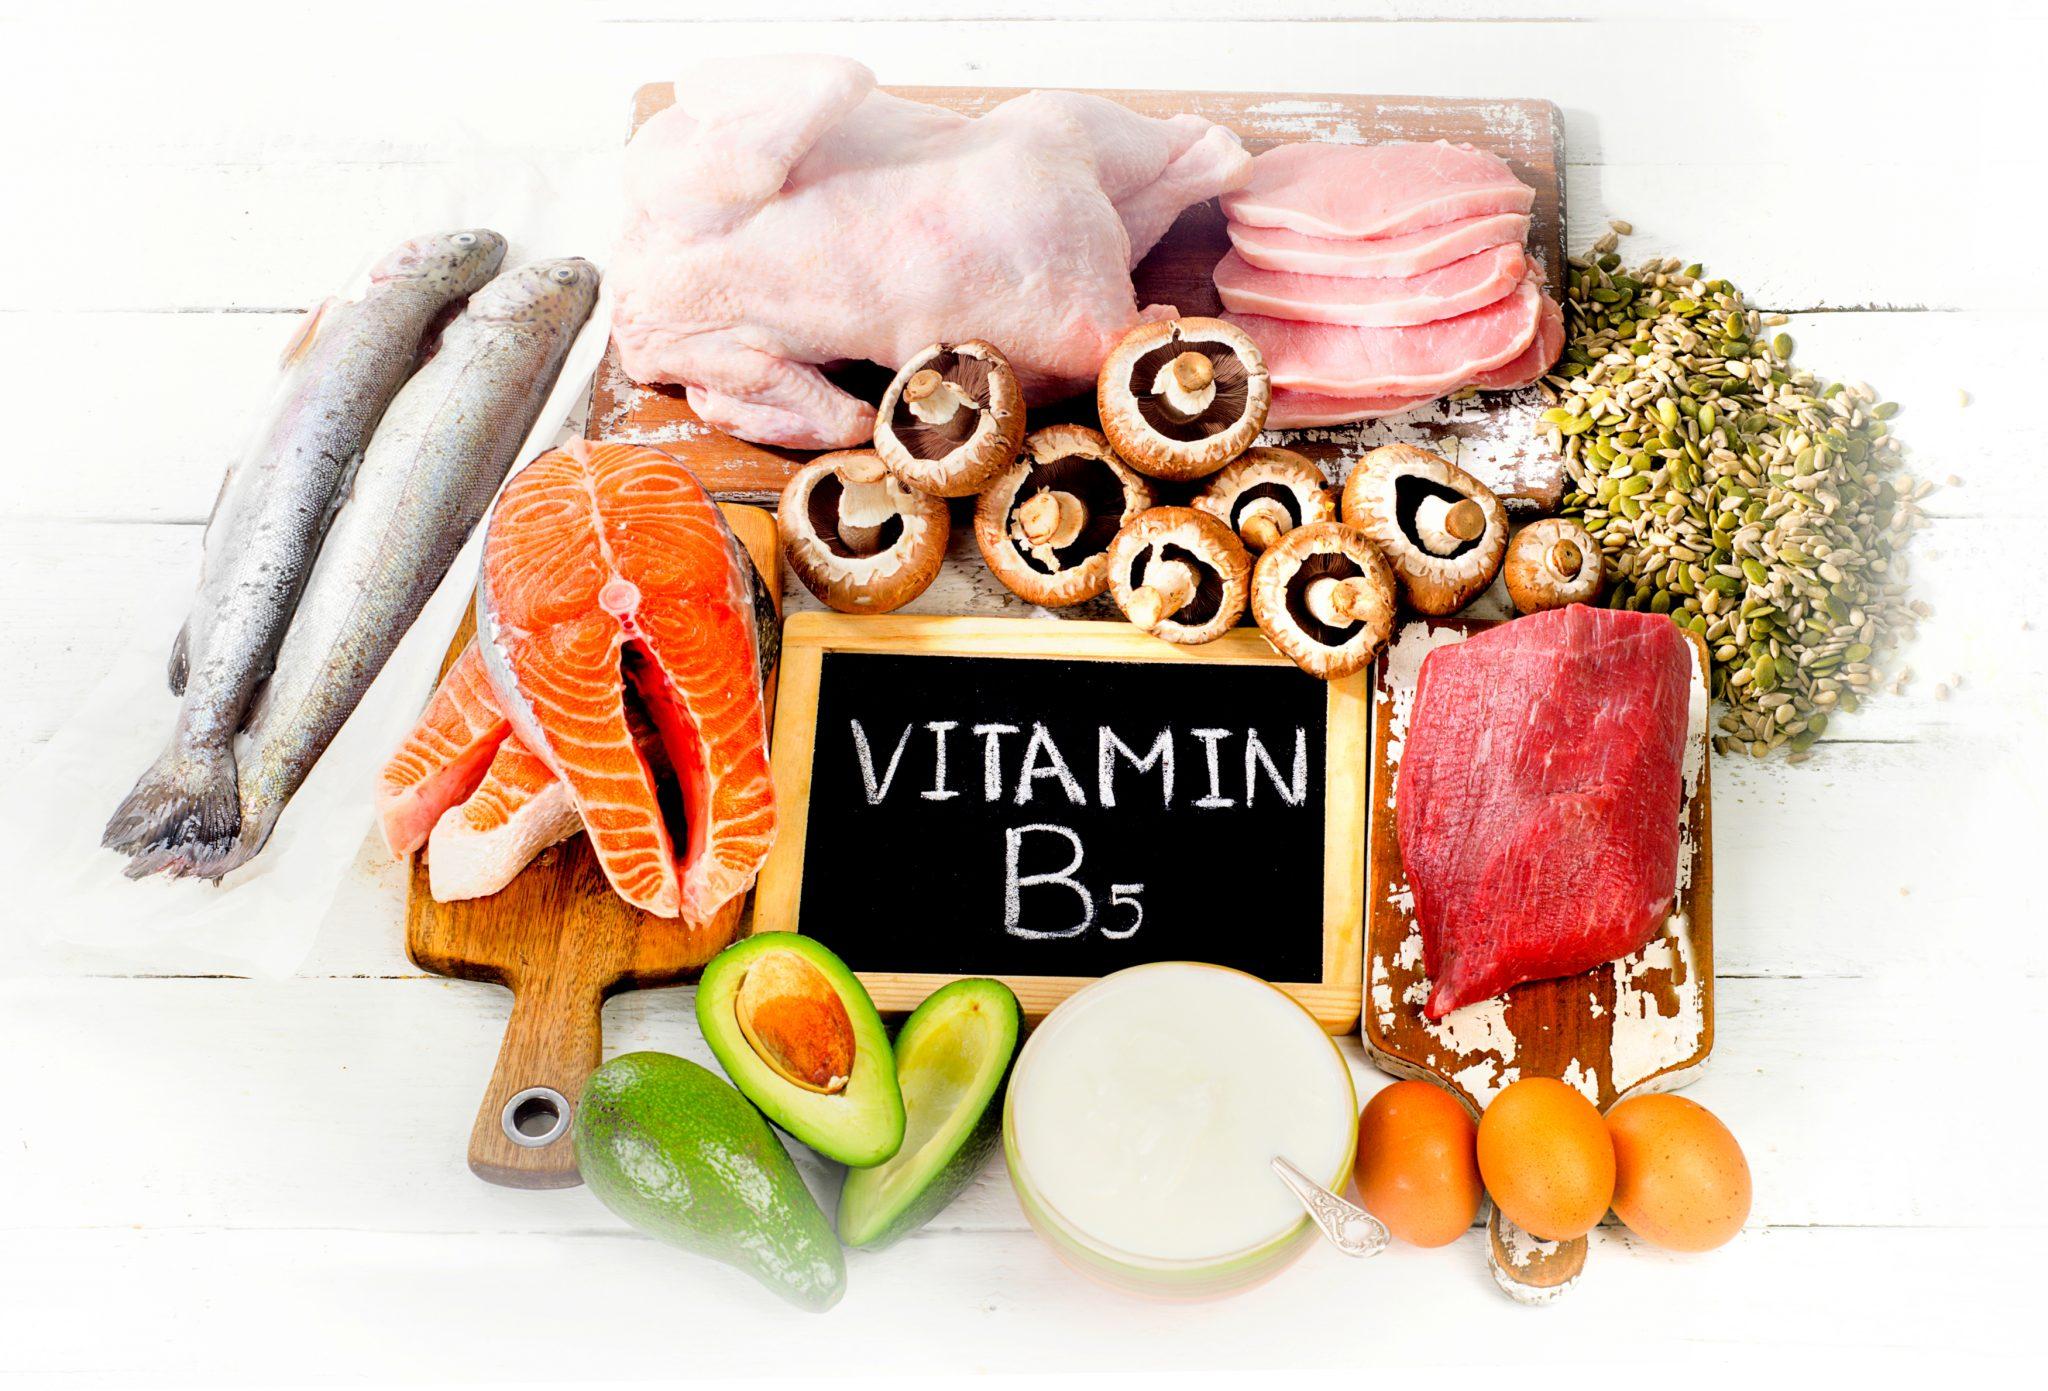 パントテン酸、ビタミンB5